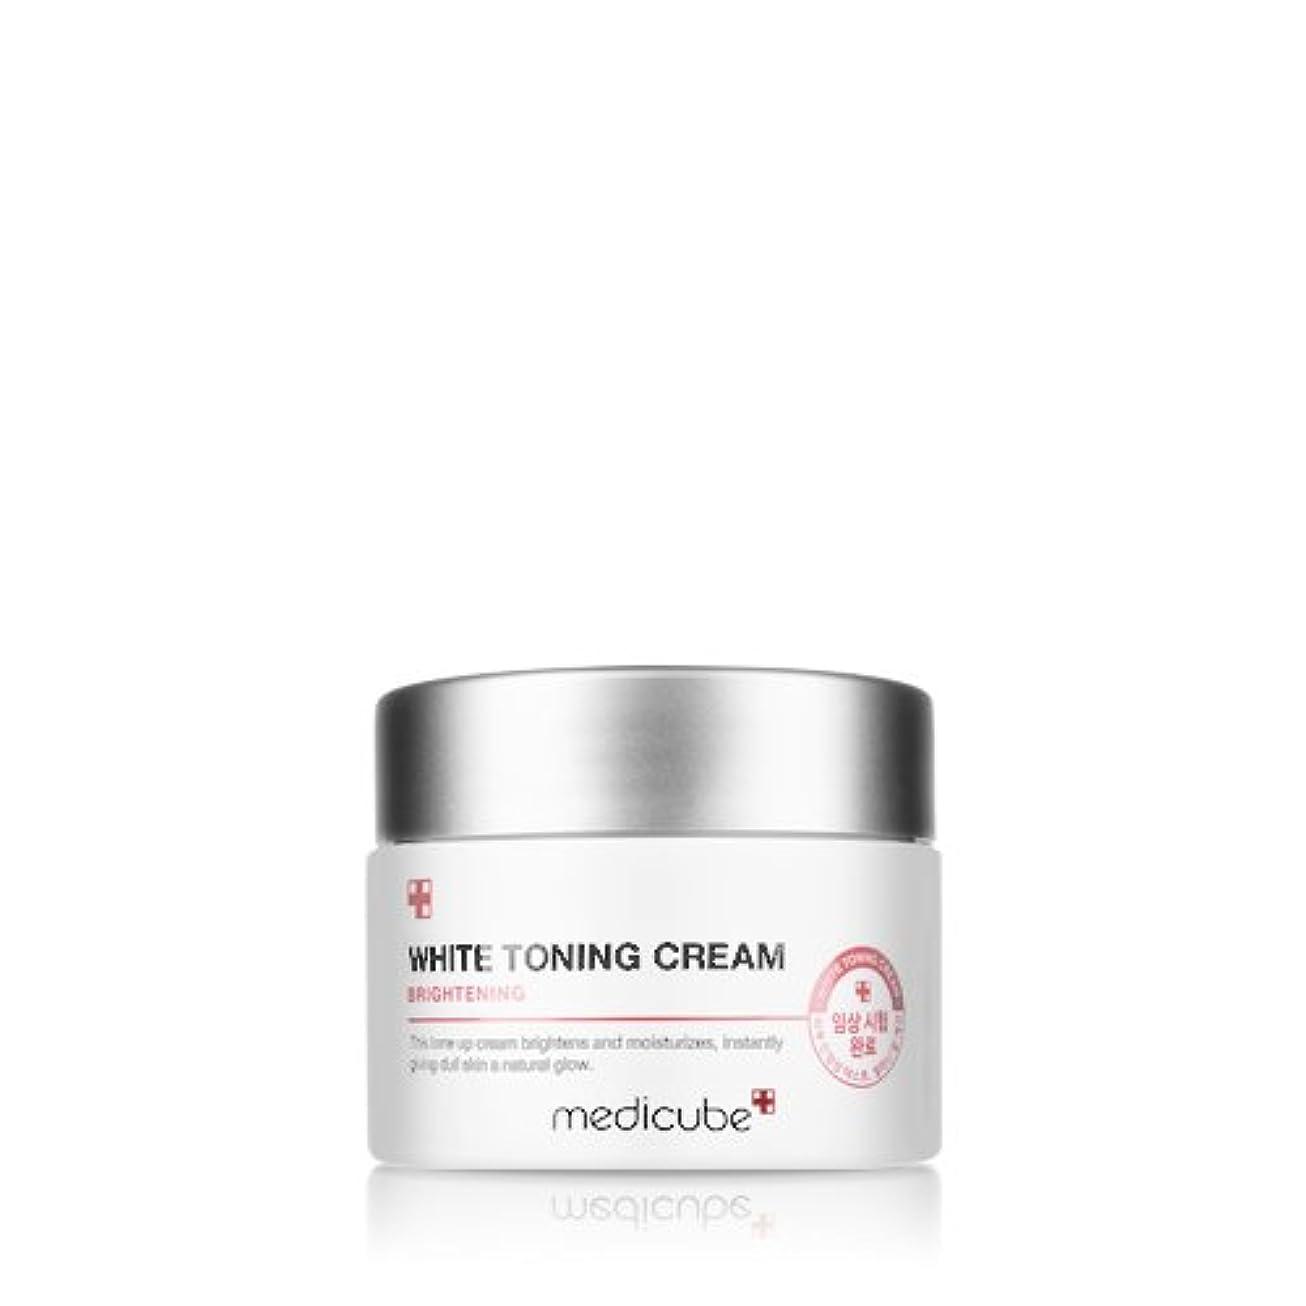 かどうか弾性脅威[Medicube] WHITE TONING CREAM / メディキューブ ホワイトトーニングクリーム / 正品?海外直送商品